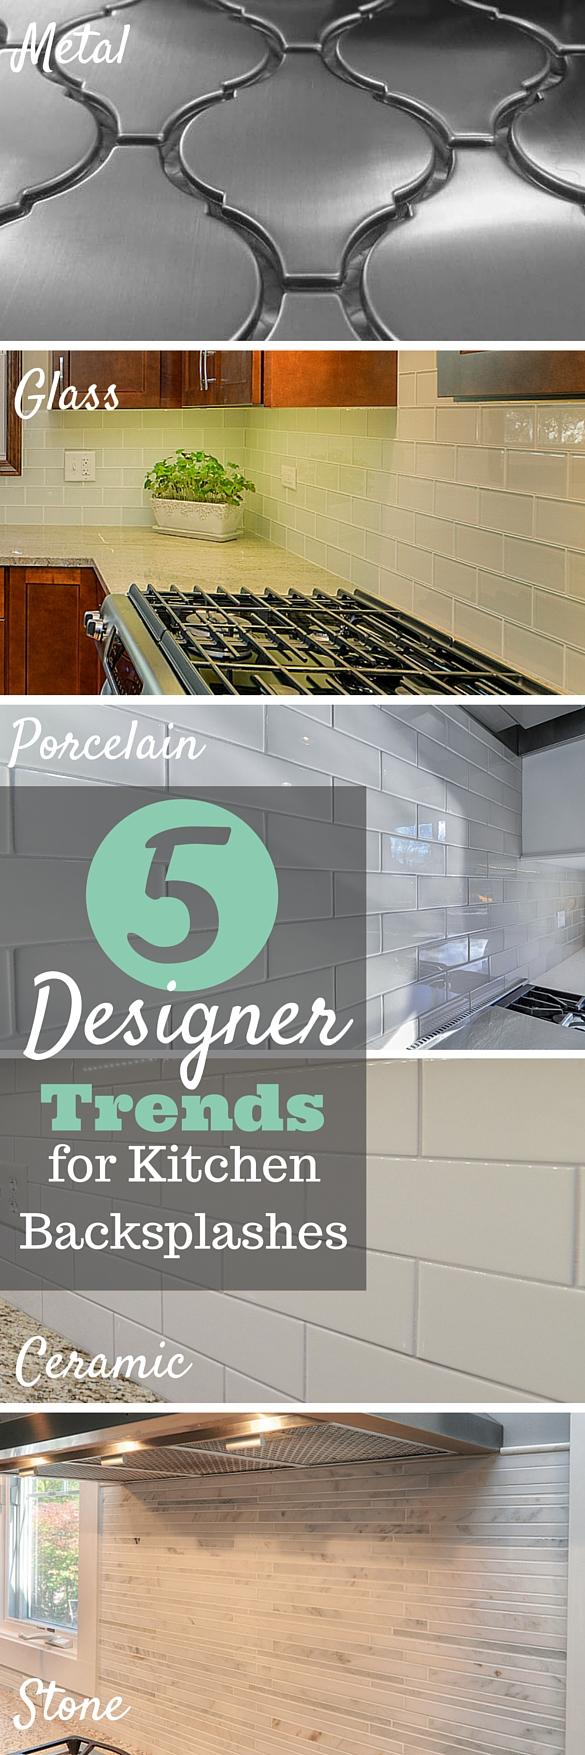 5 Designer Trends Kitchen Backsplashes Sebring Services